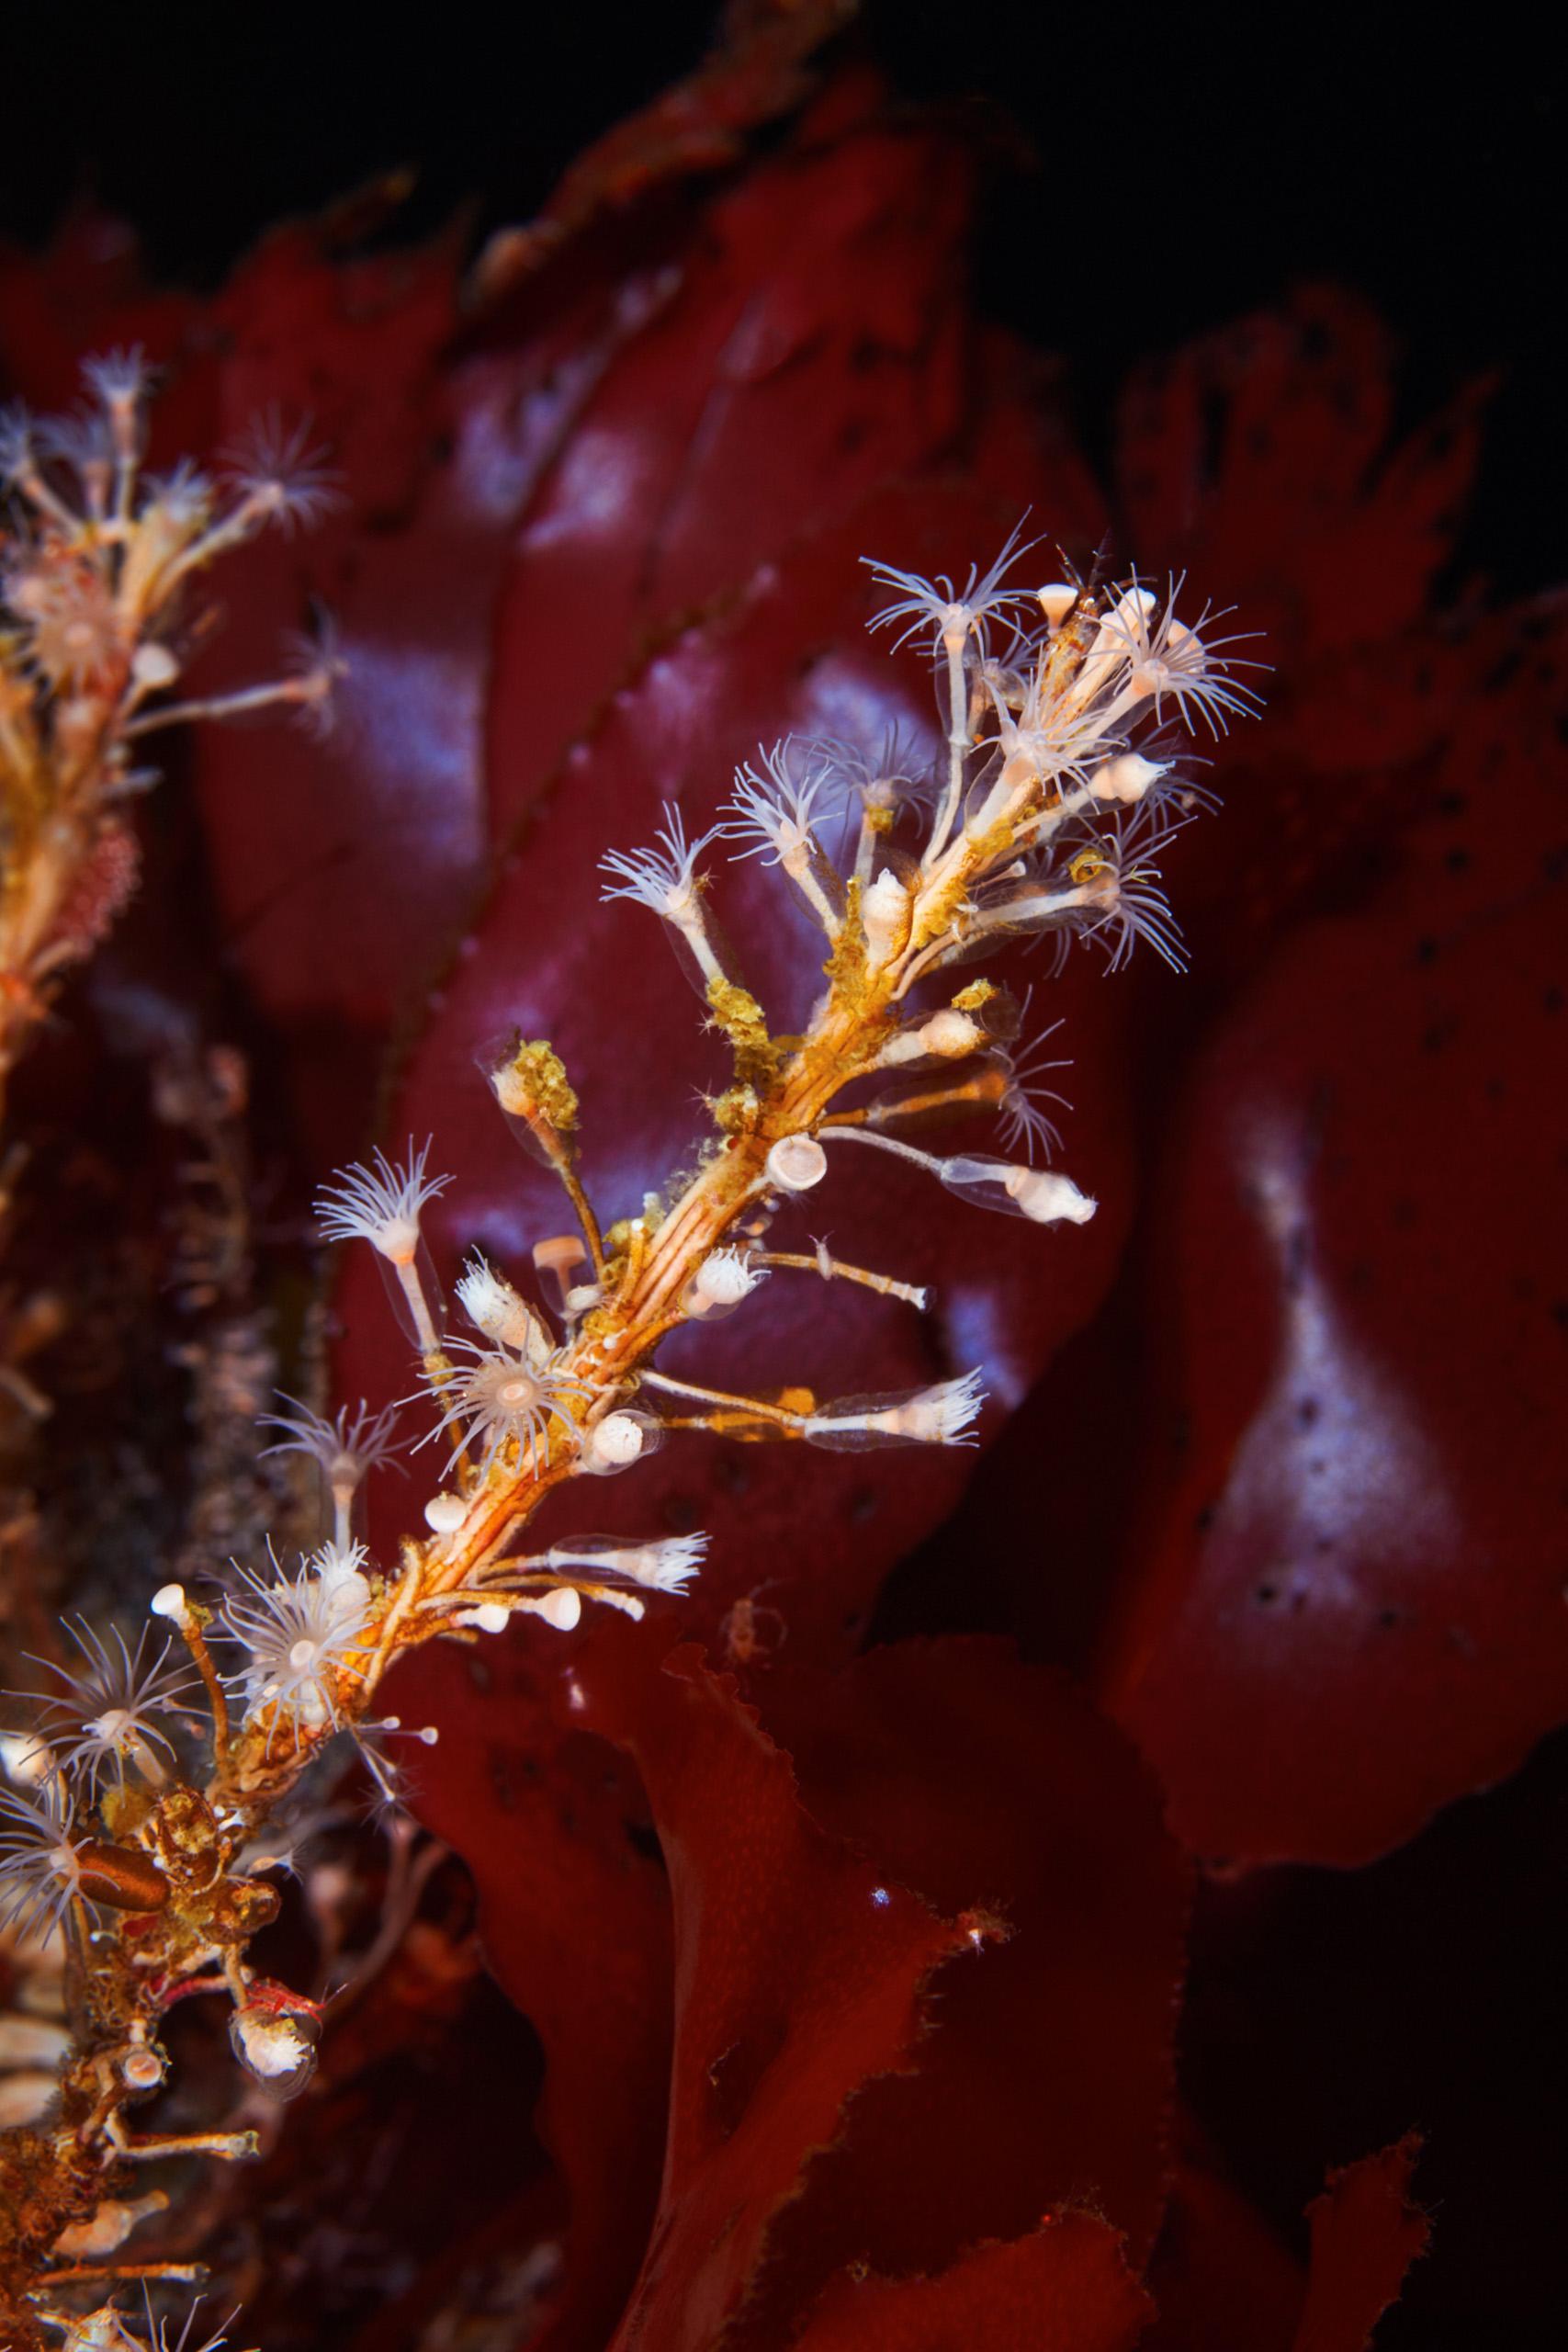 Unknown hydrozoan